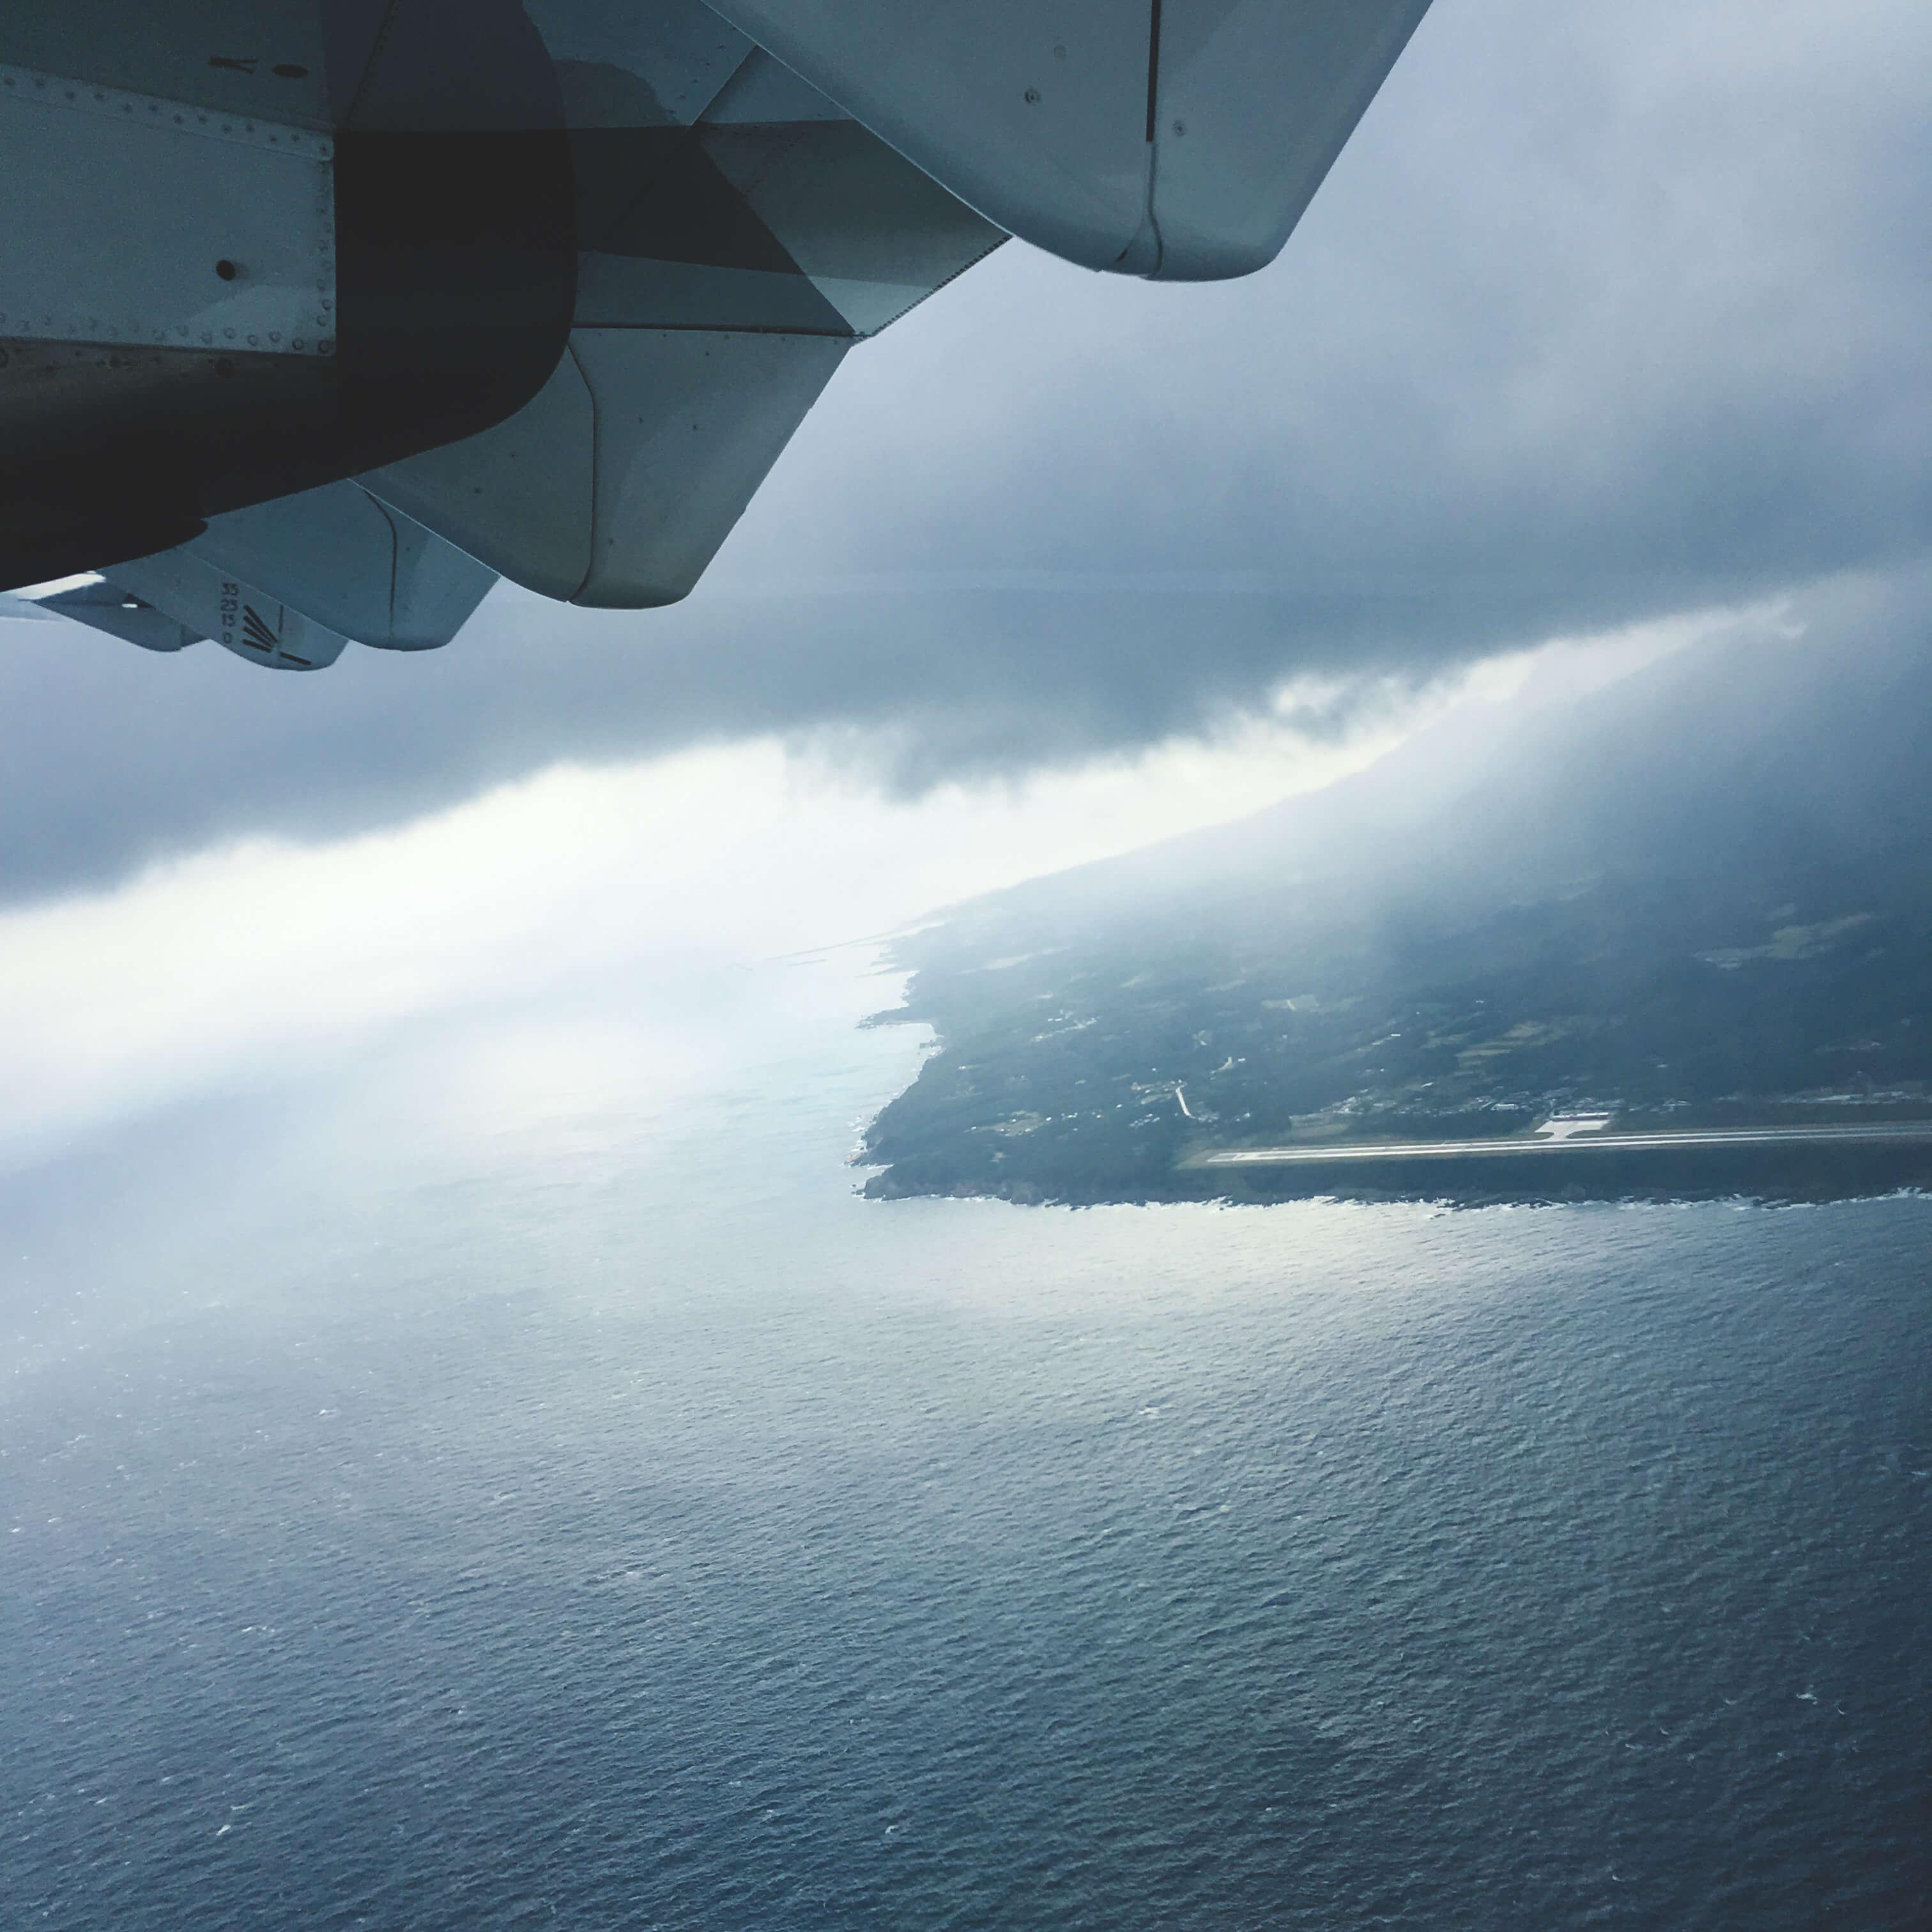 飛行機から見えた屋久島 屋久島日々の暮らしとジュエリー